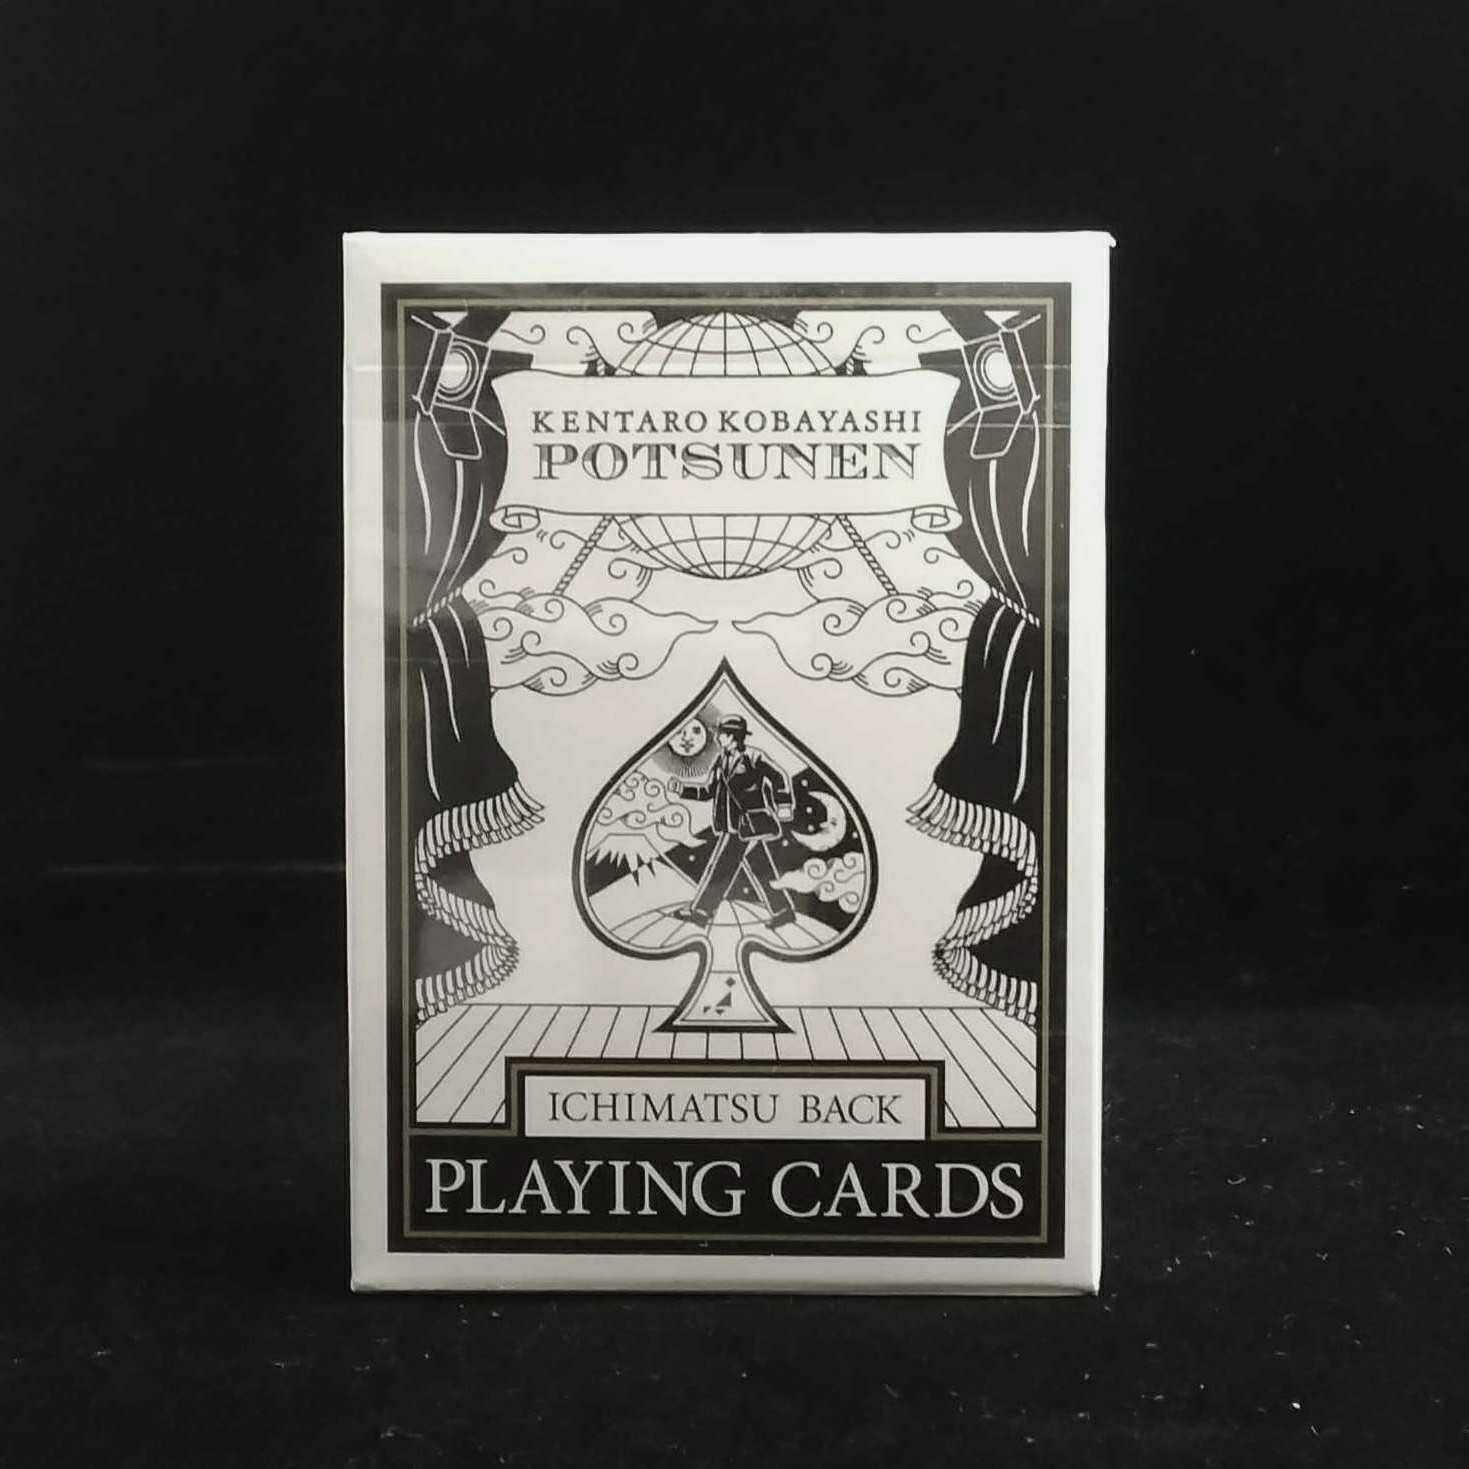 小林賢太郎 POTSUNEN トランプ|U.S. PLAYING CARD CO.